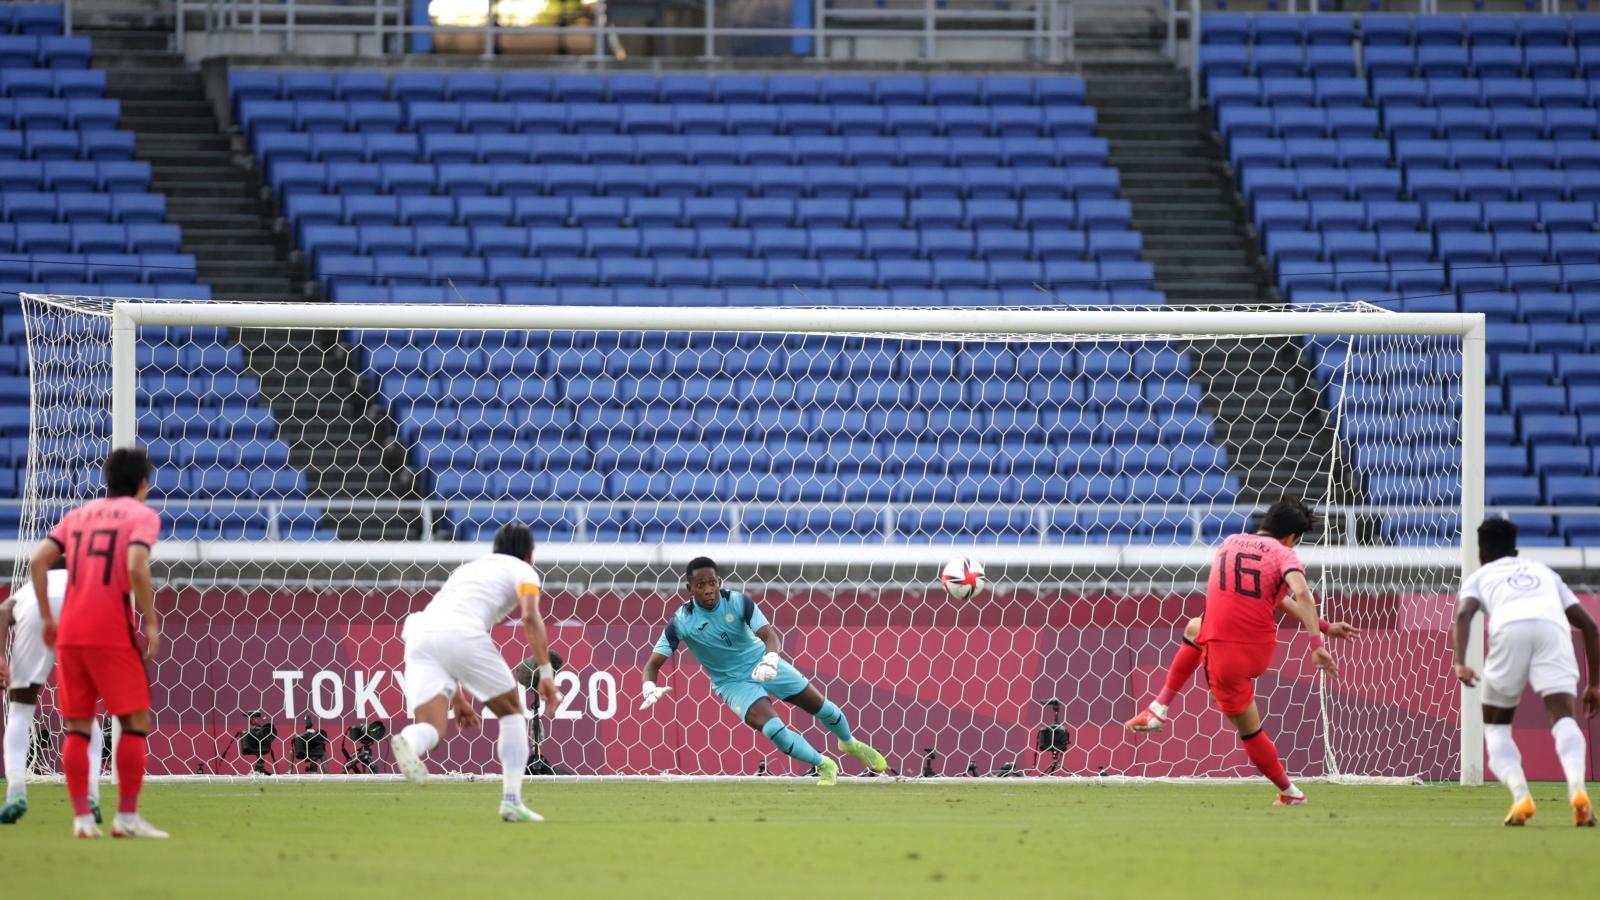 TRỰC TIẾP Hàn Quốc 2-0 Honduras: Hai bàn thắng liên tiếp trên chấm 11m